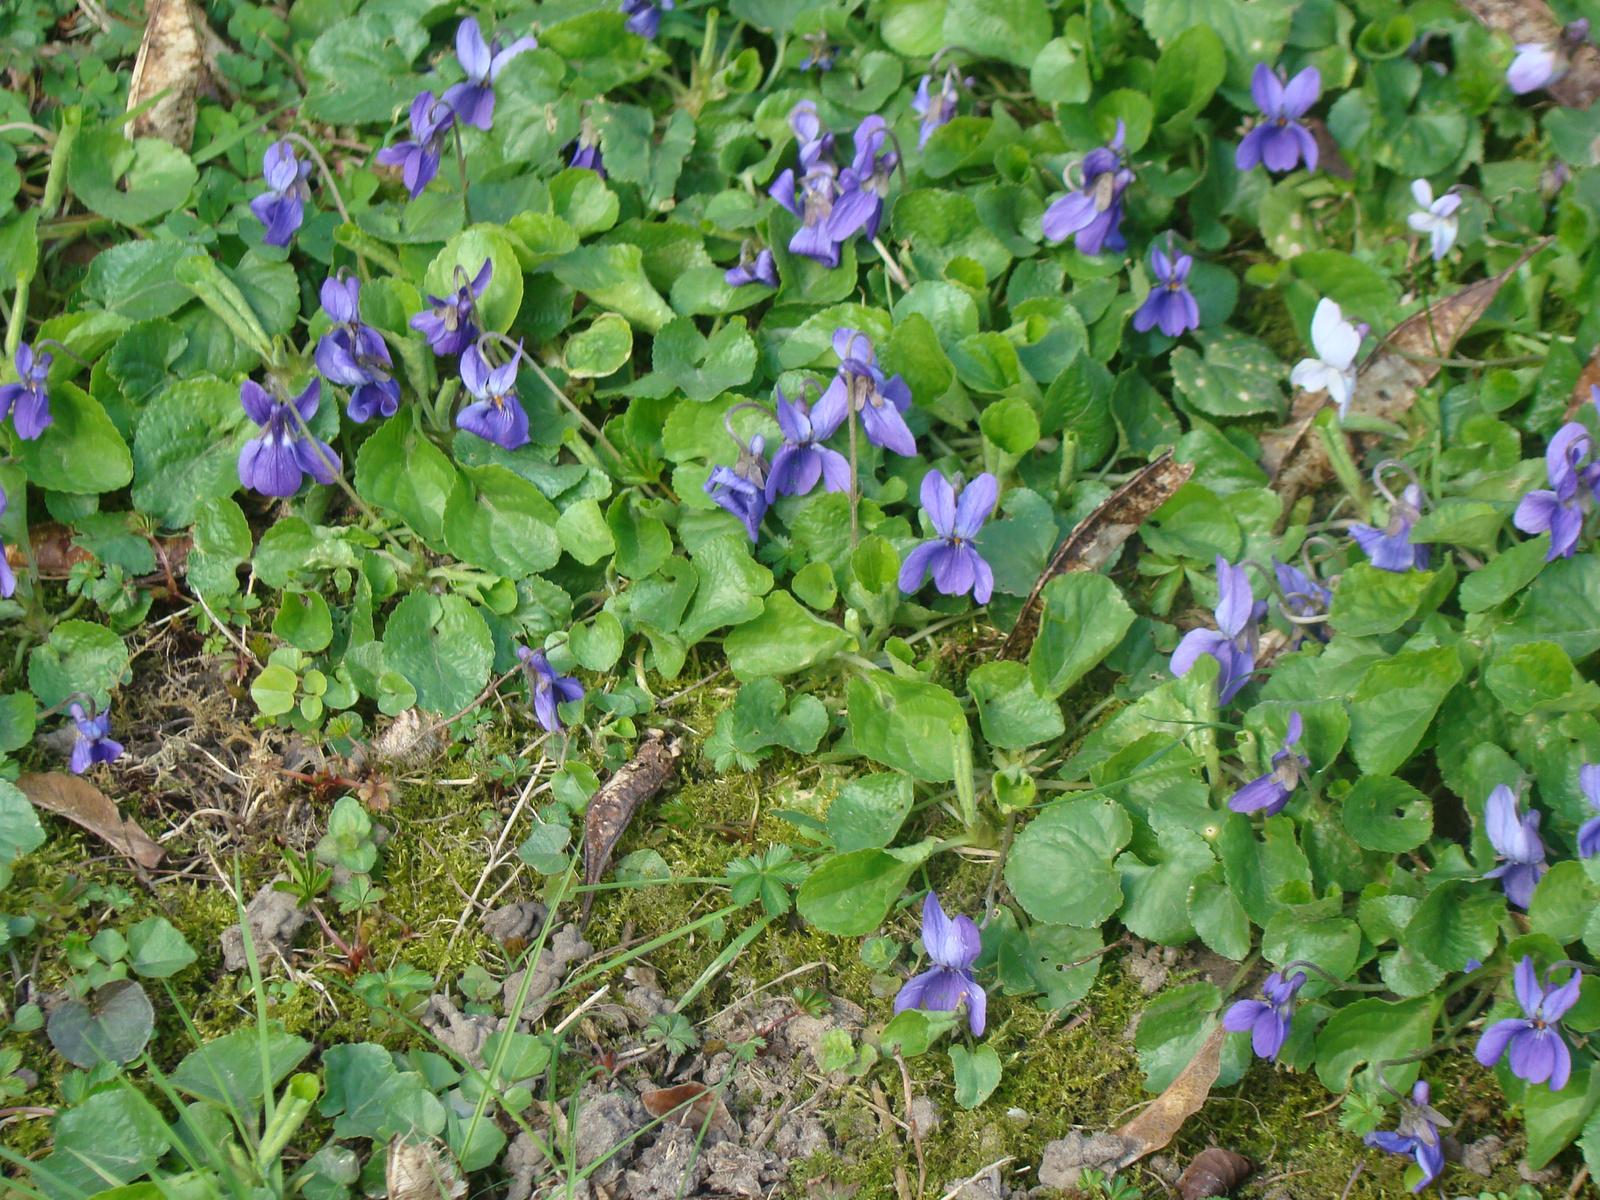 2021 marcius 15. Violettes